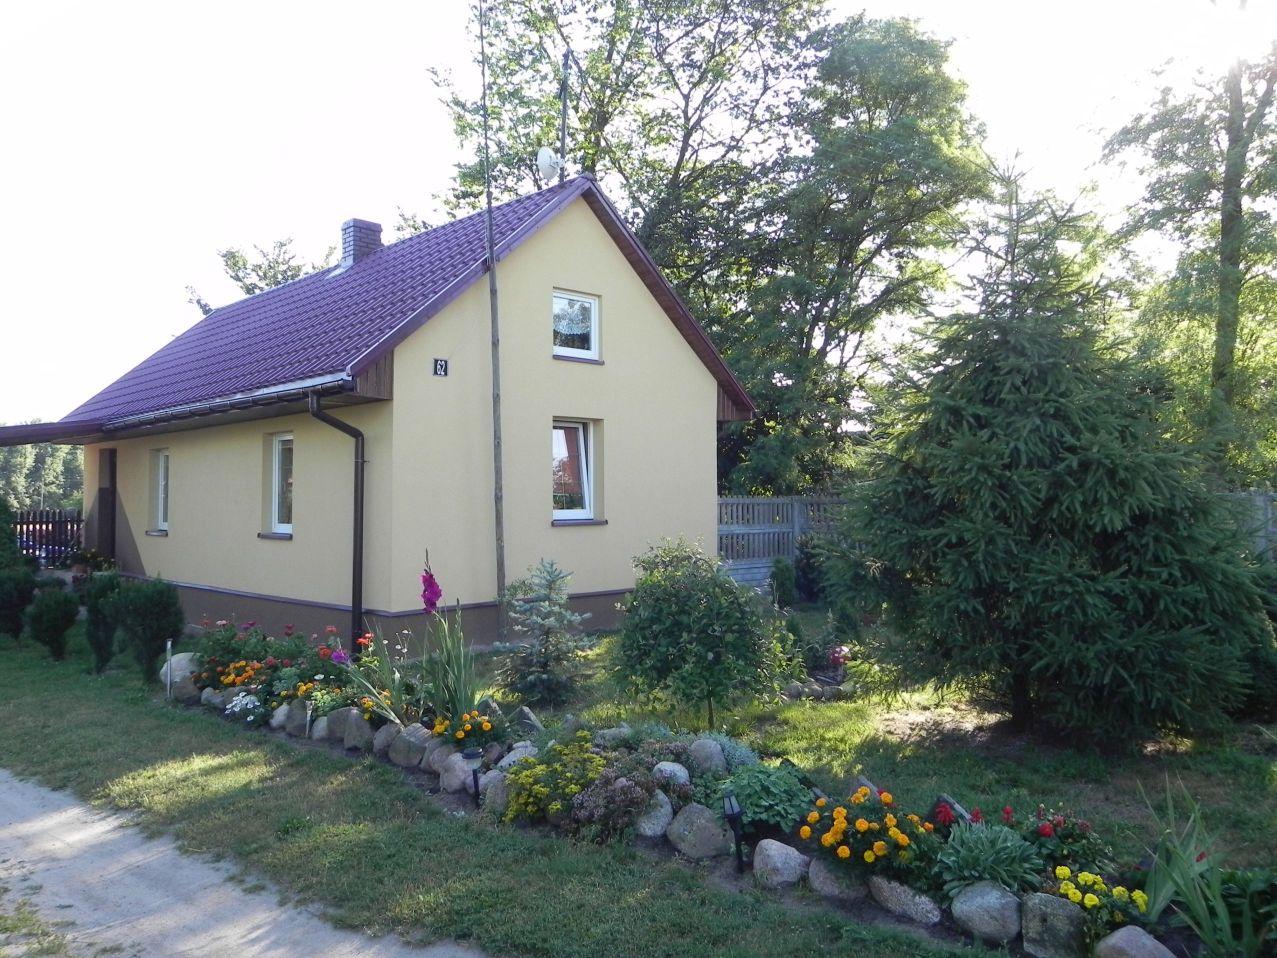 Galeria zdjęć Sochowej Zagrody - podwórko i przyroda (74)